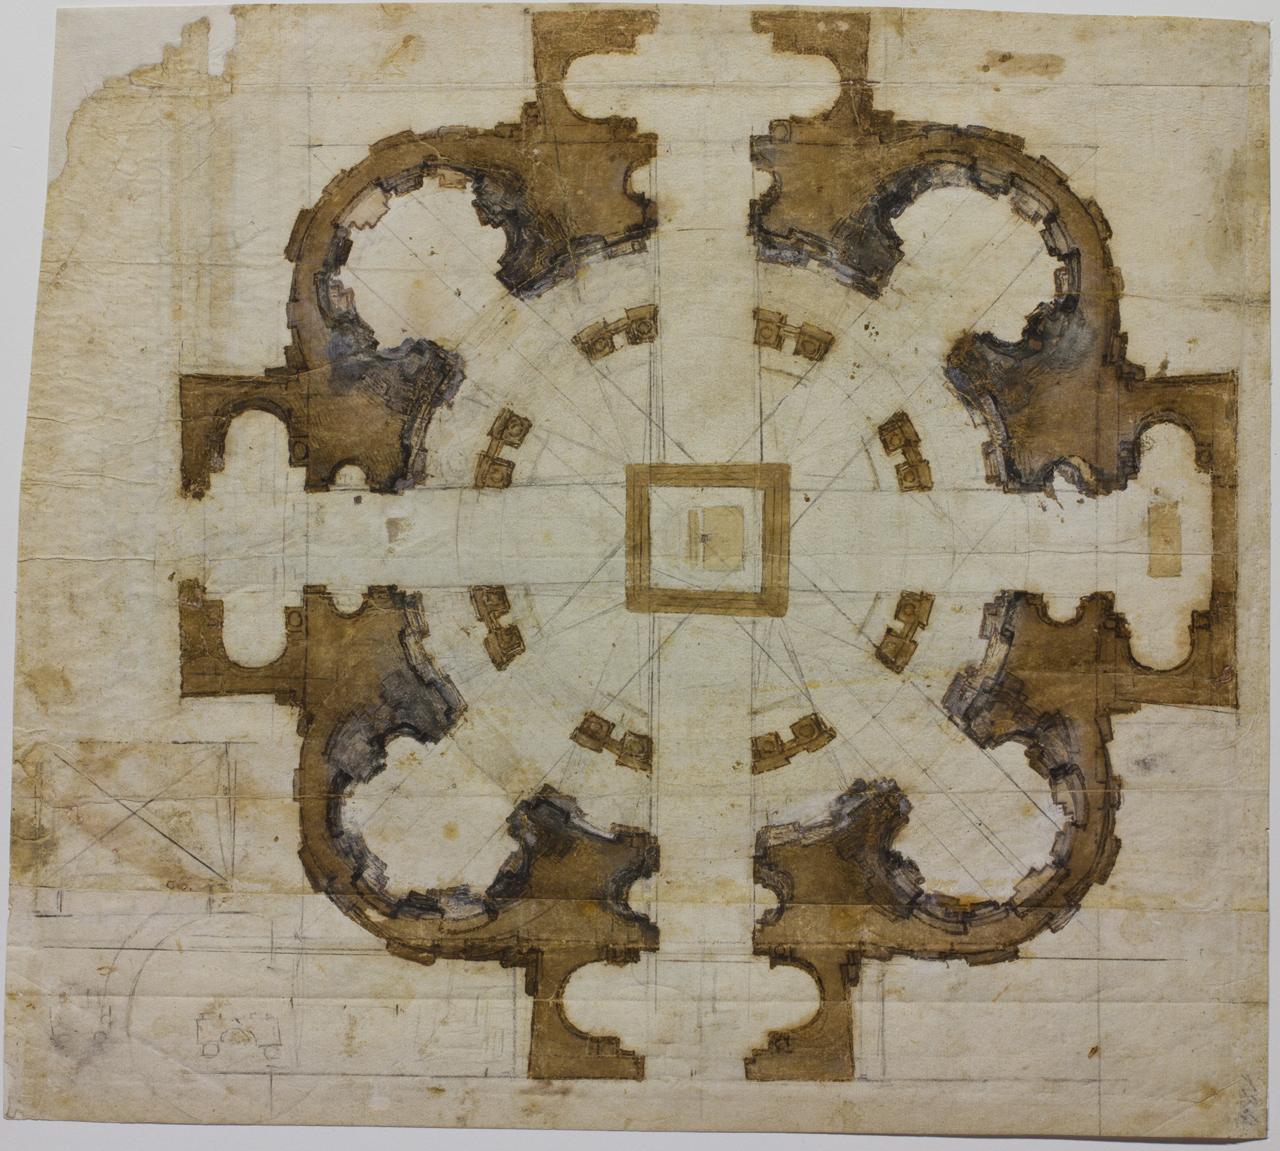 """Michelangelo, """"Plan for the church of San Giovanni dei Fiorentini in Rome"""" (1559–60)"""